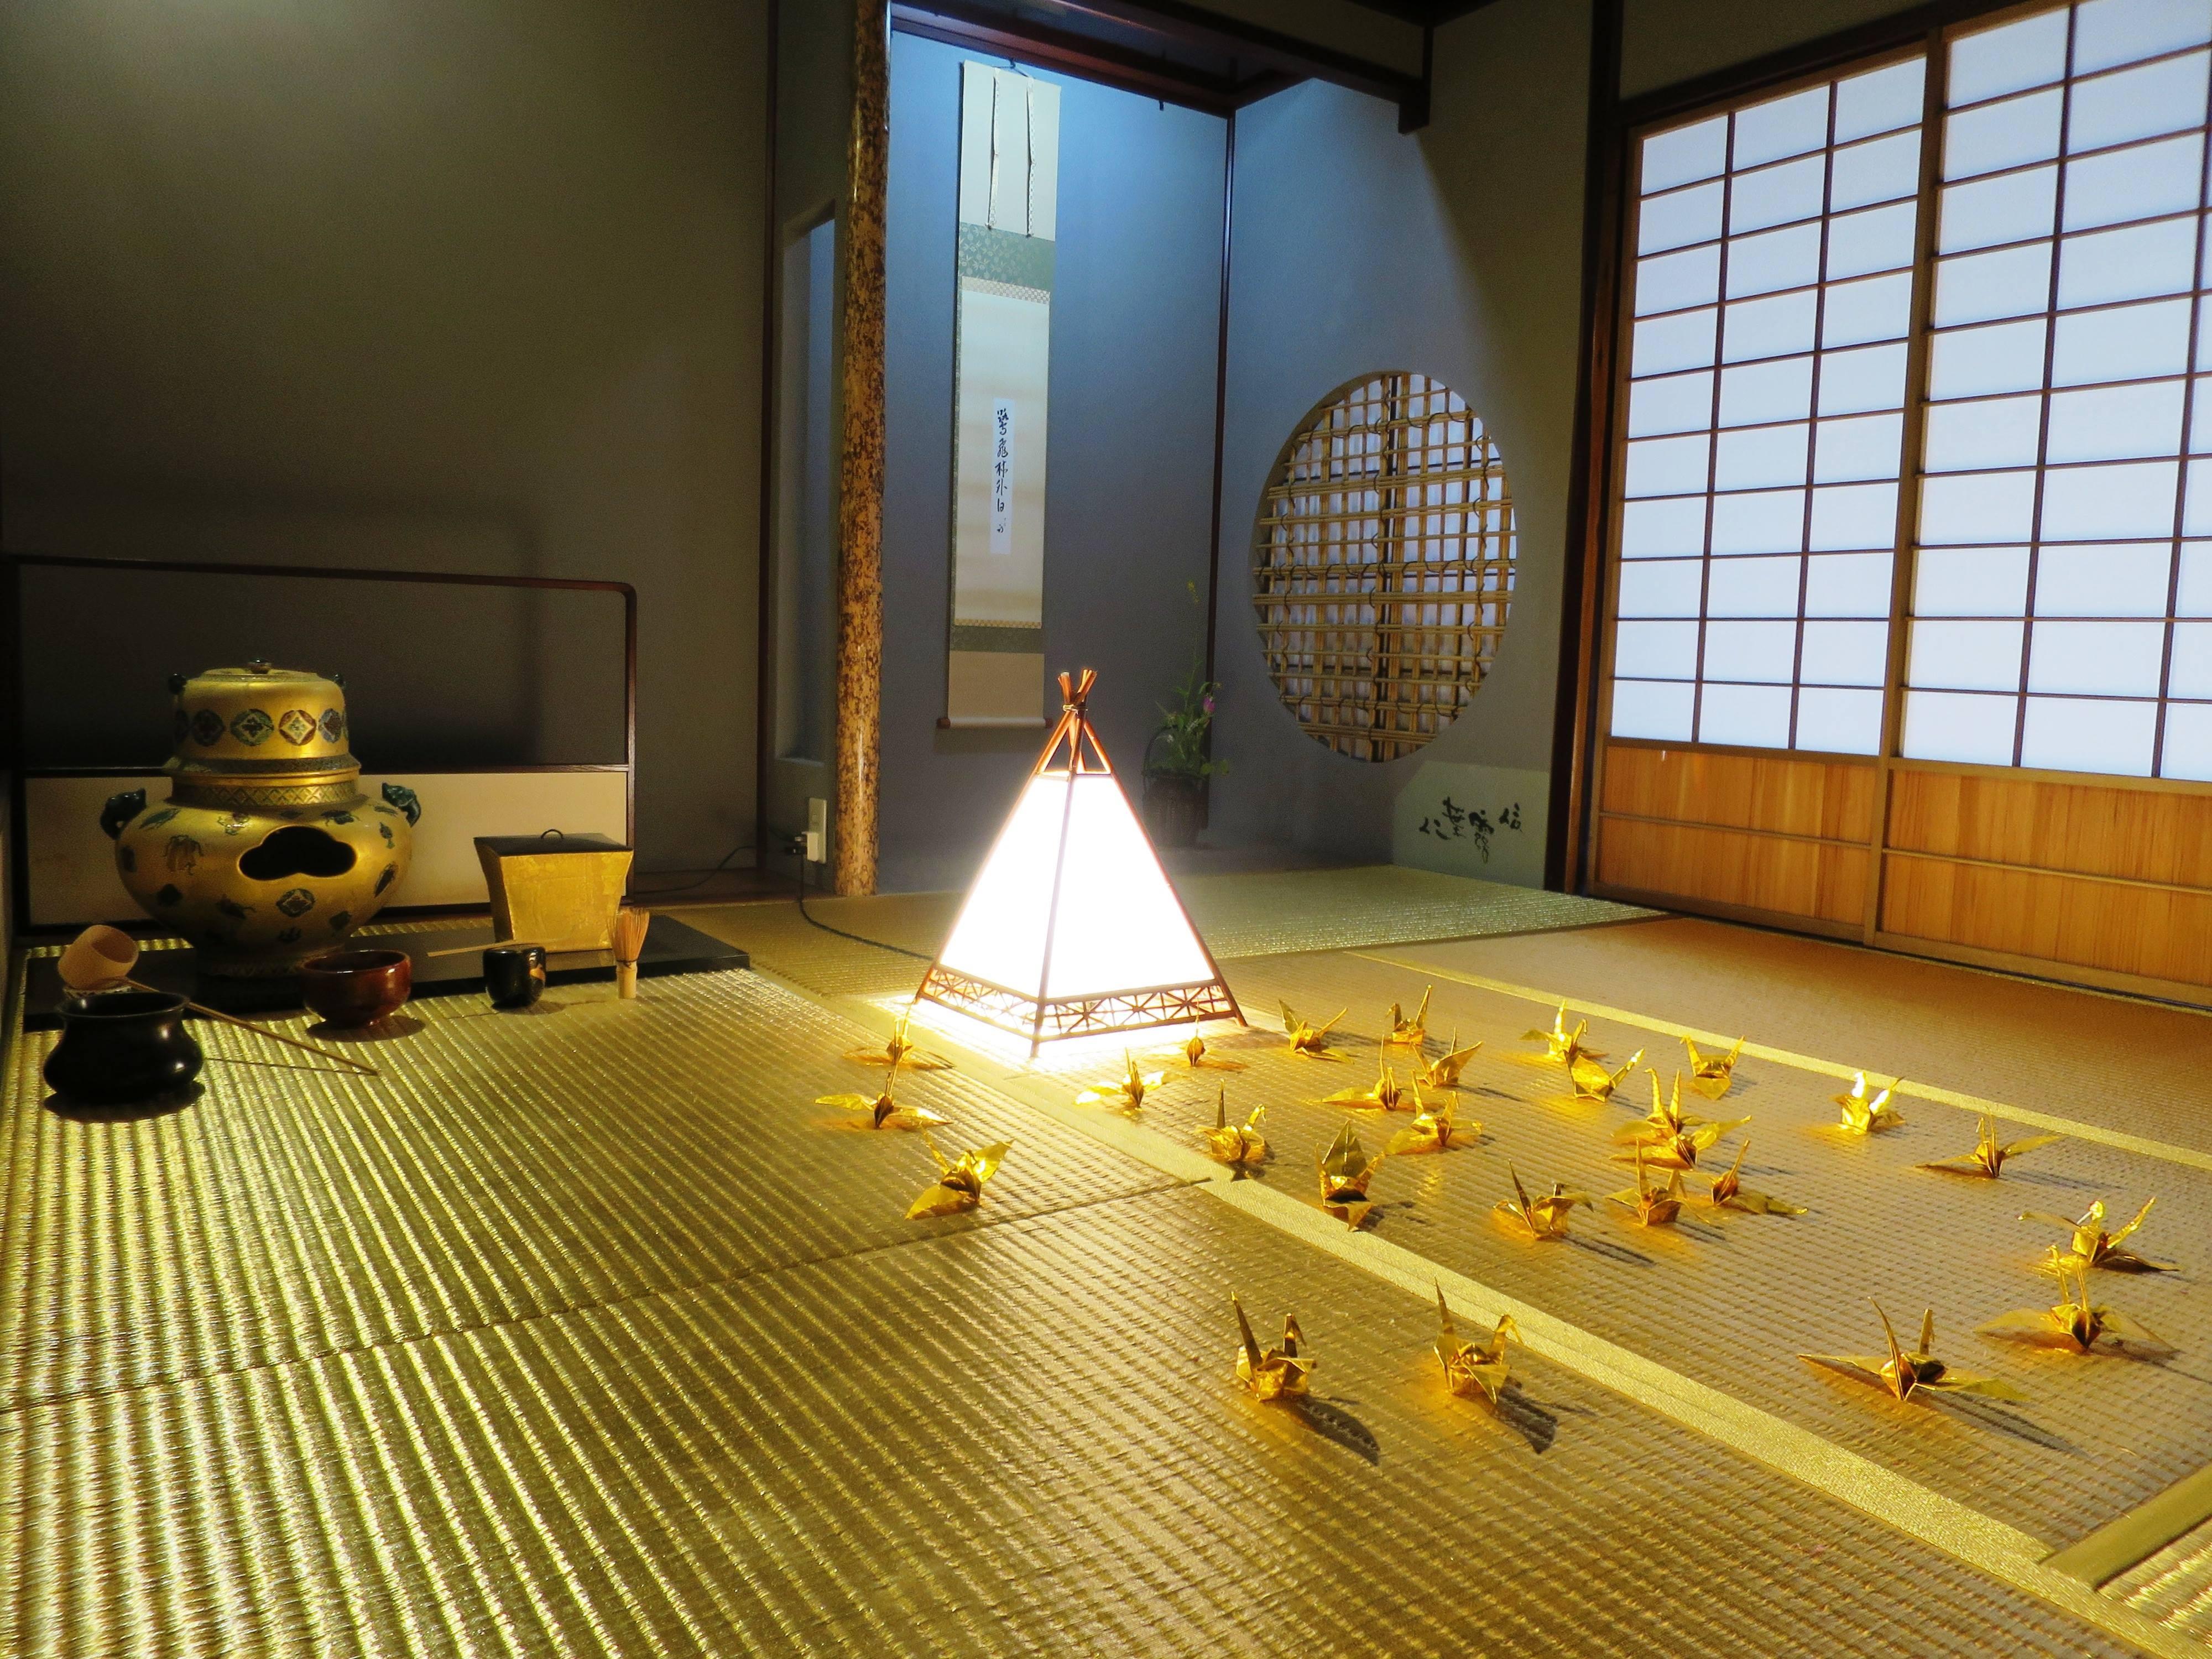 懷華樓的金箔榻榻米客間(圖/業者時報文化提供,請勿隨意翻拍,以免侵權。)